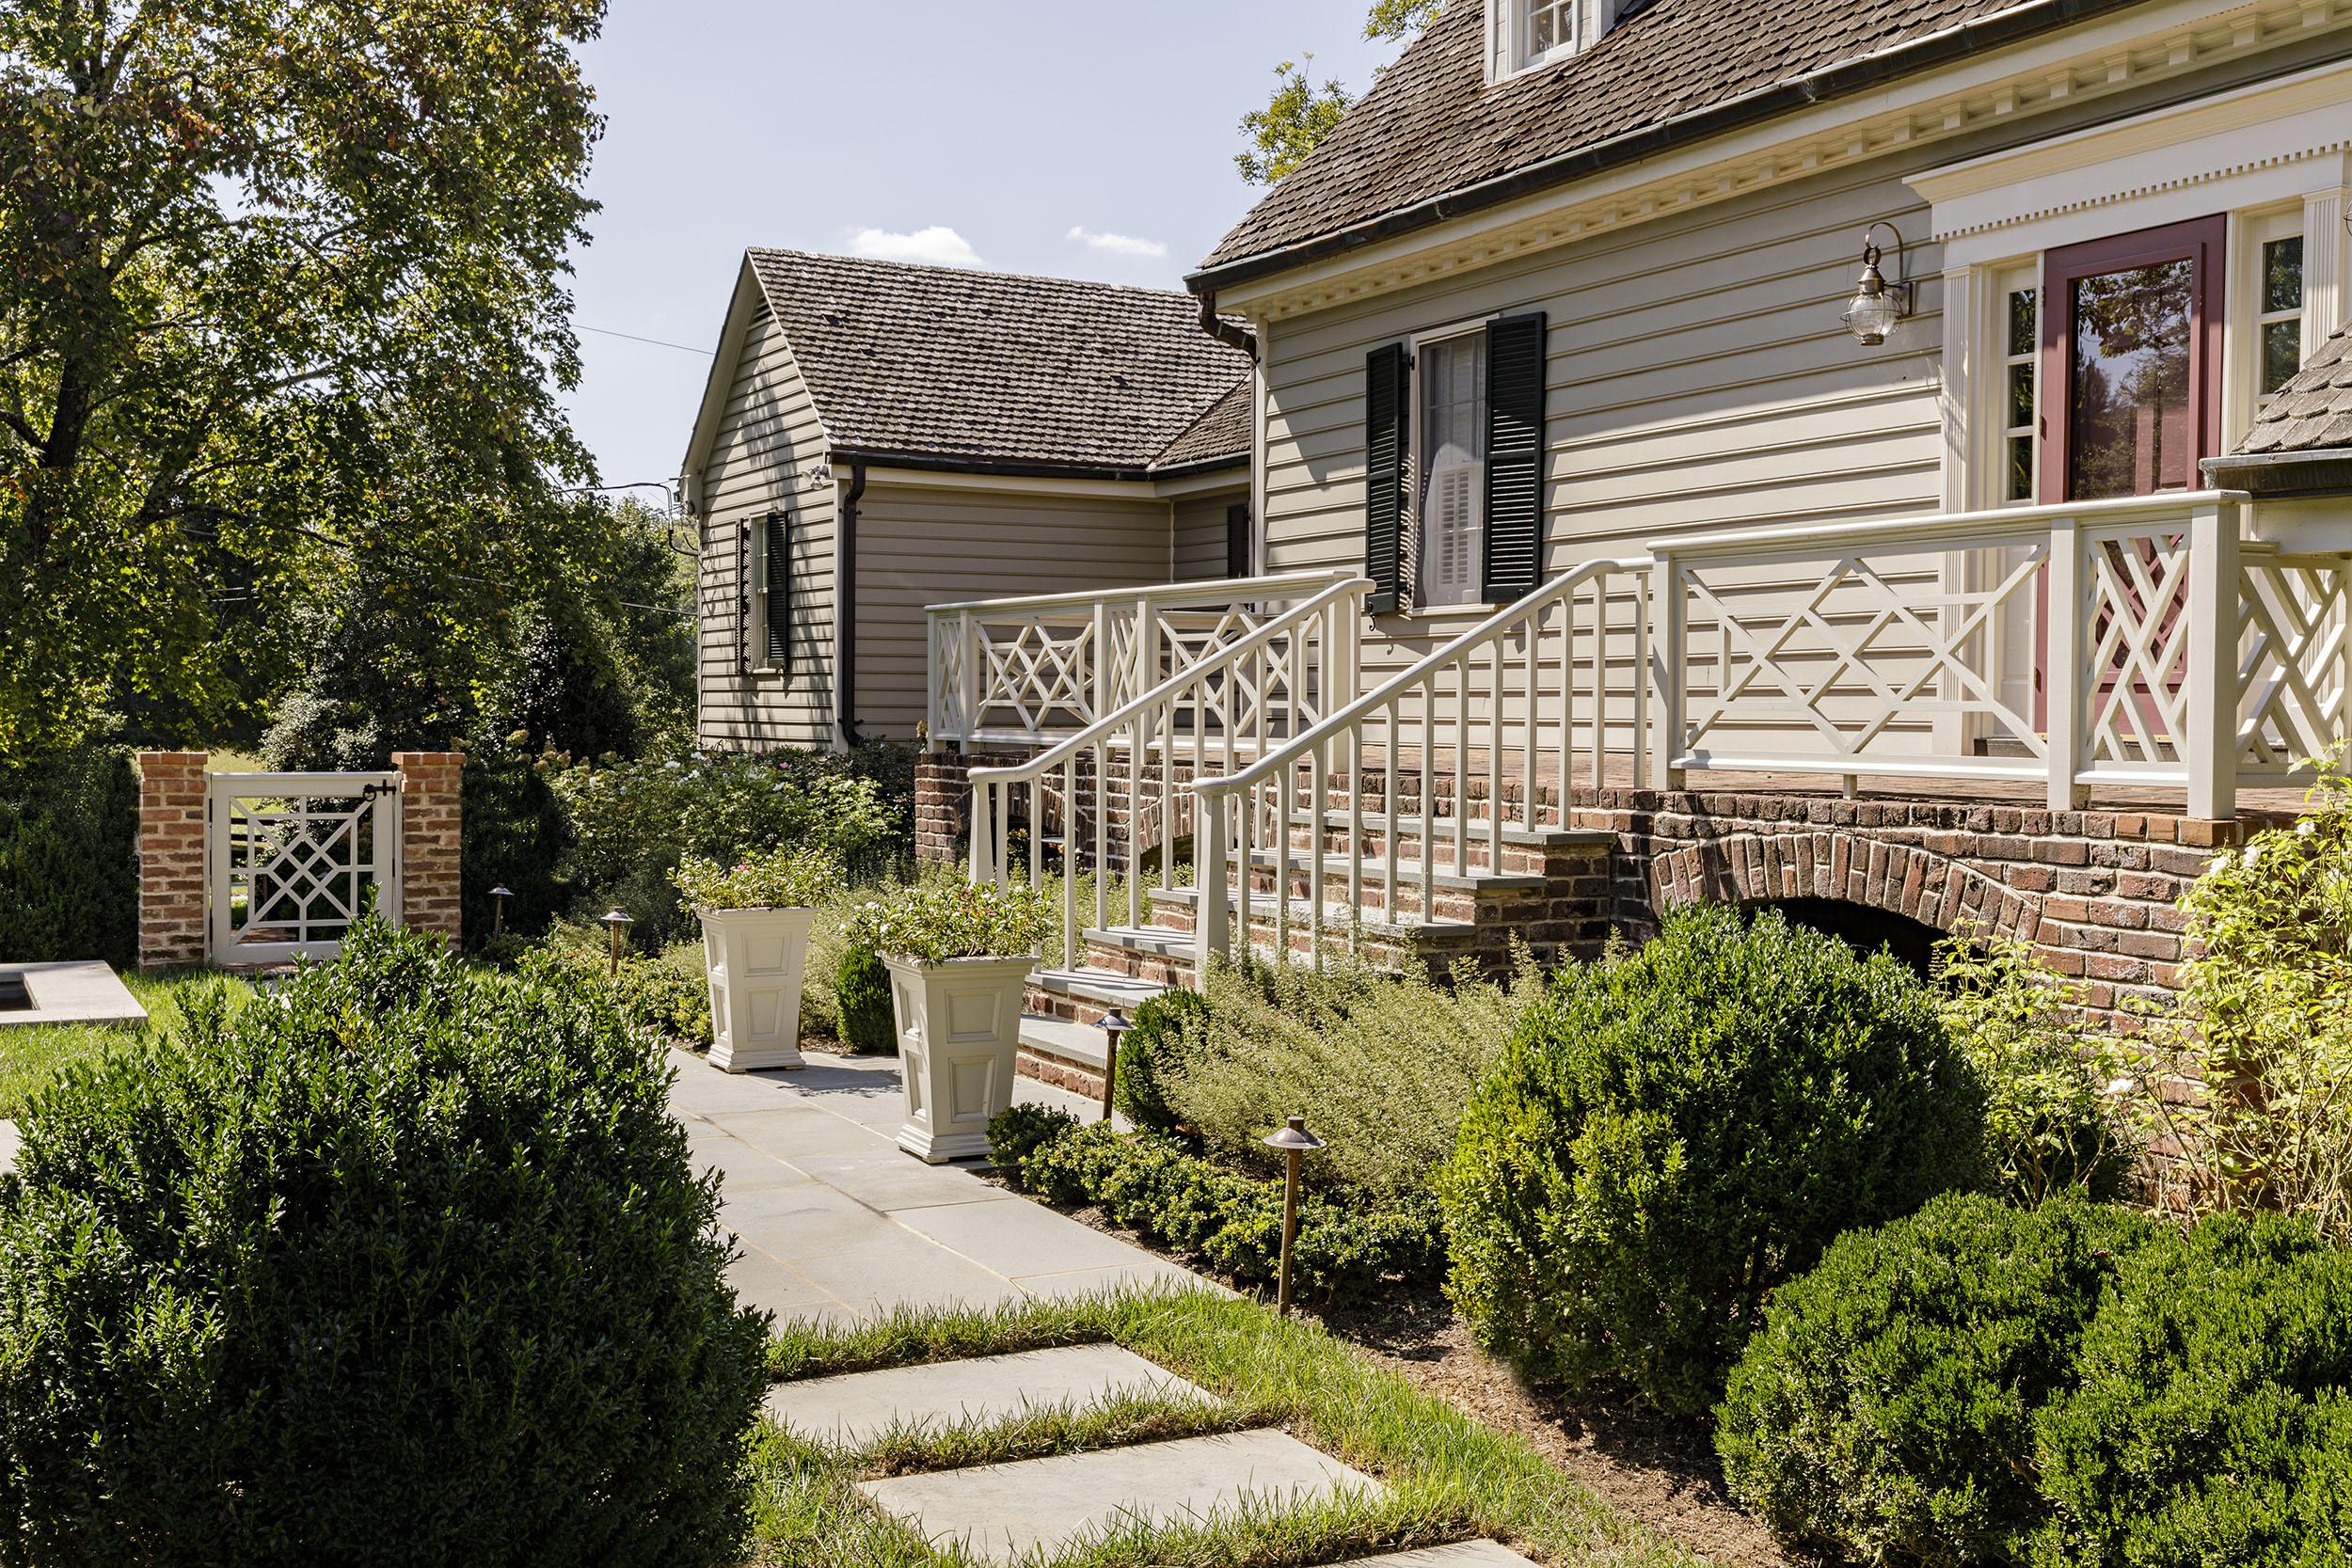 Grounded_Charlottesville-garden_design-historic_house_landscape-architect.jpg